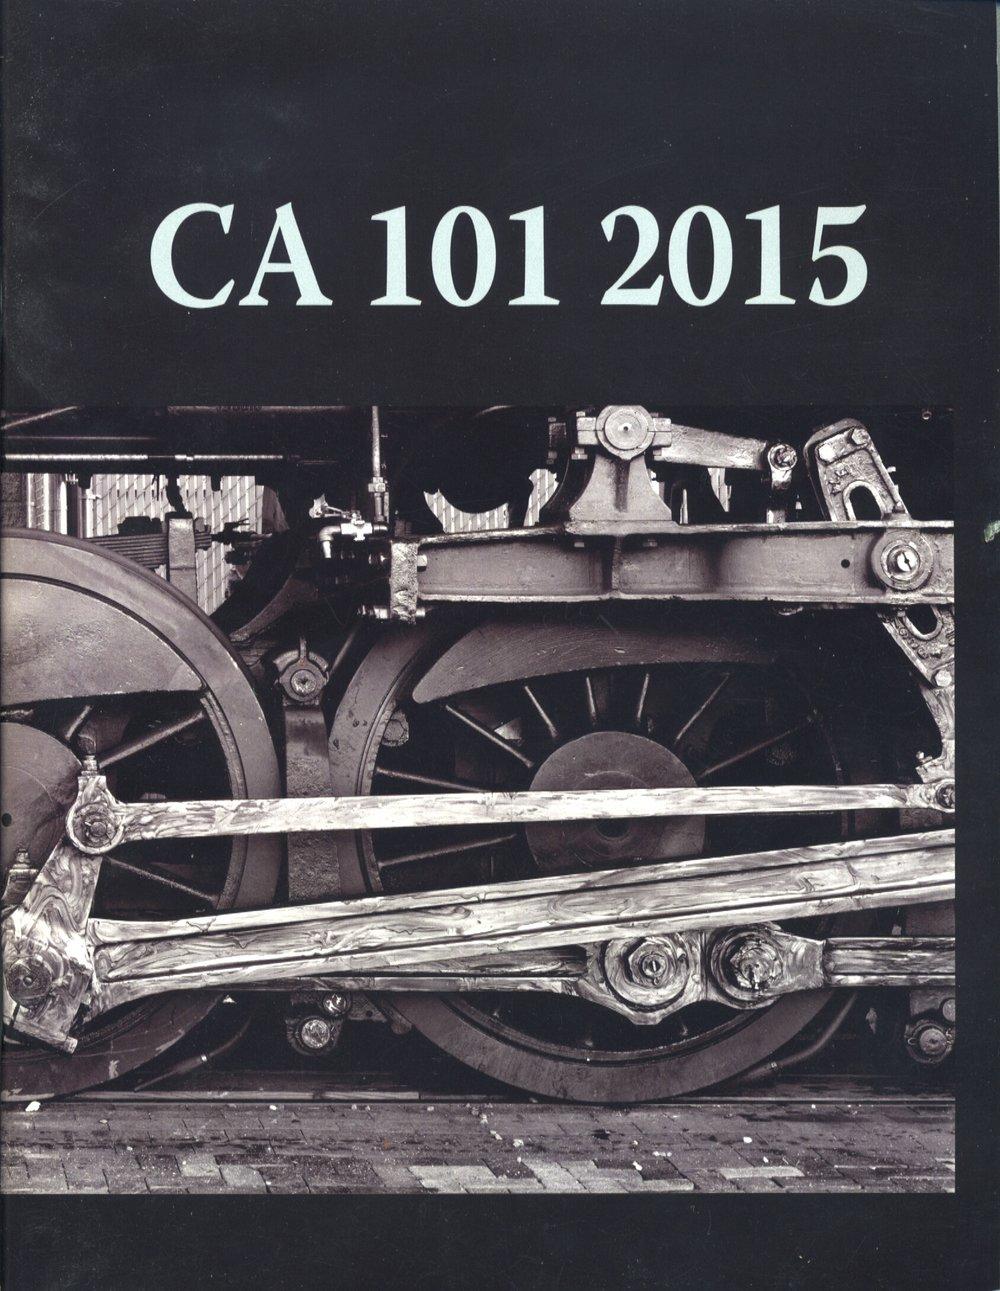 Scan-DannyMcCaw CA101 2015 cat copy 2.jpg